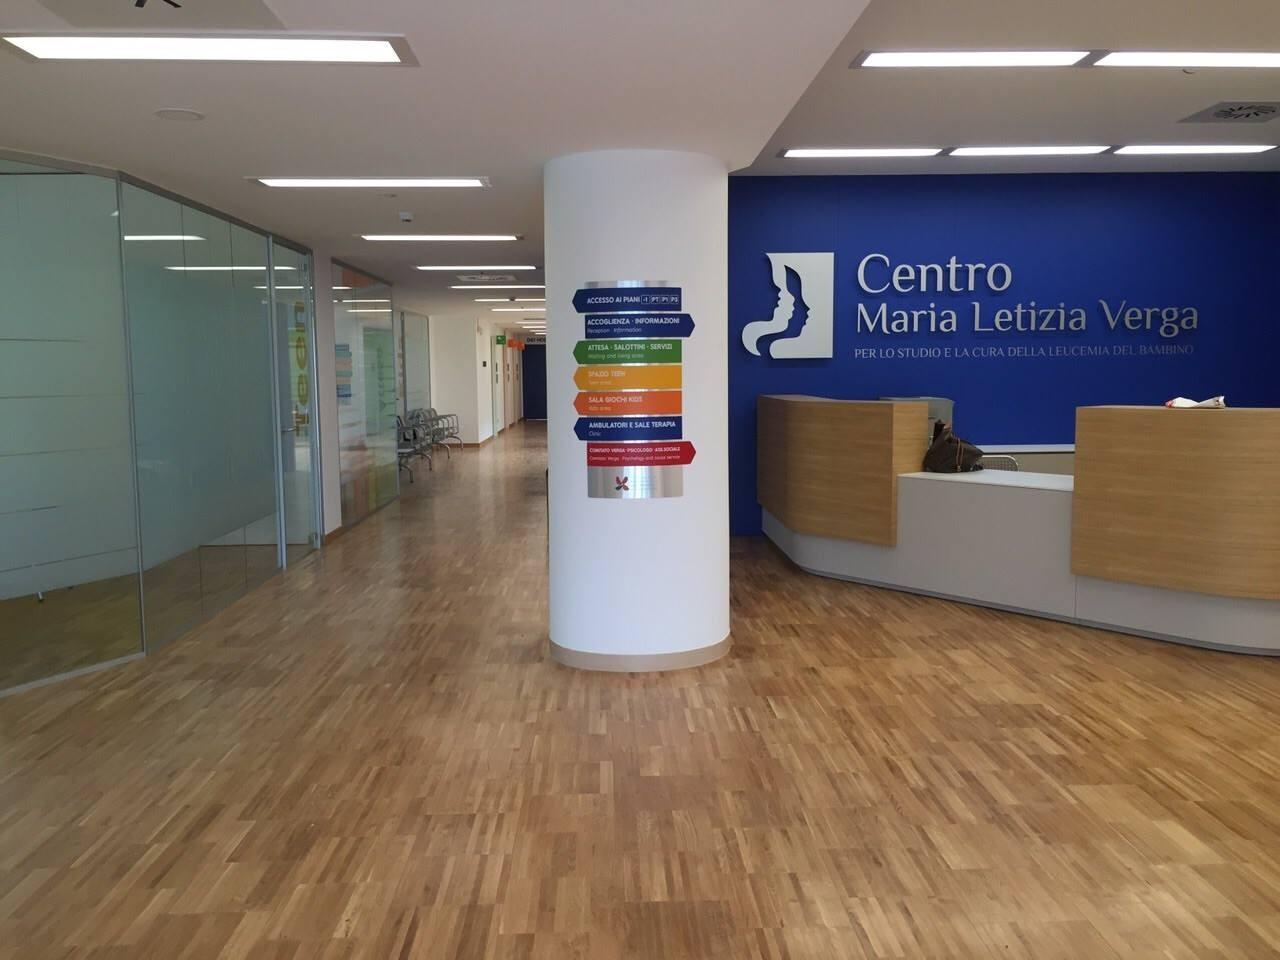 Centro Maria Letizia Verga-Comitato Maria Letizia Verga